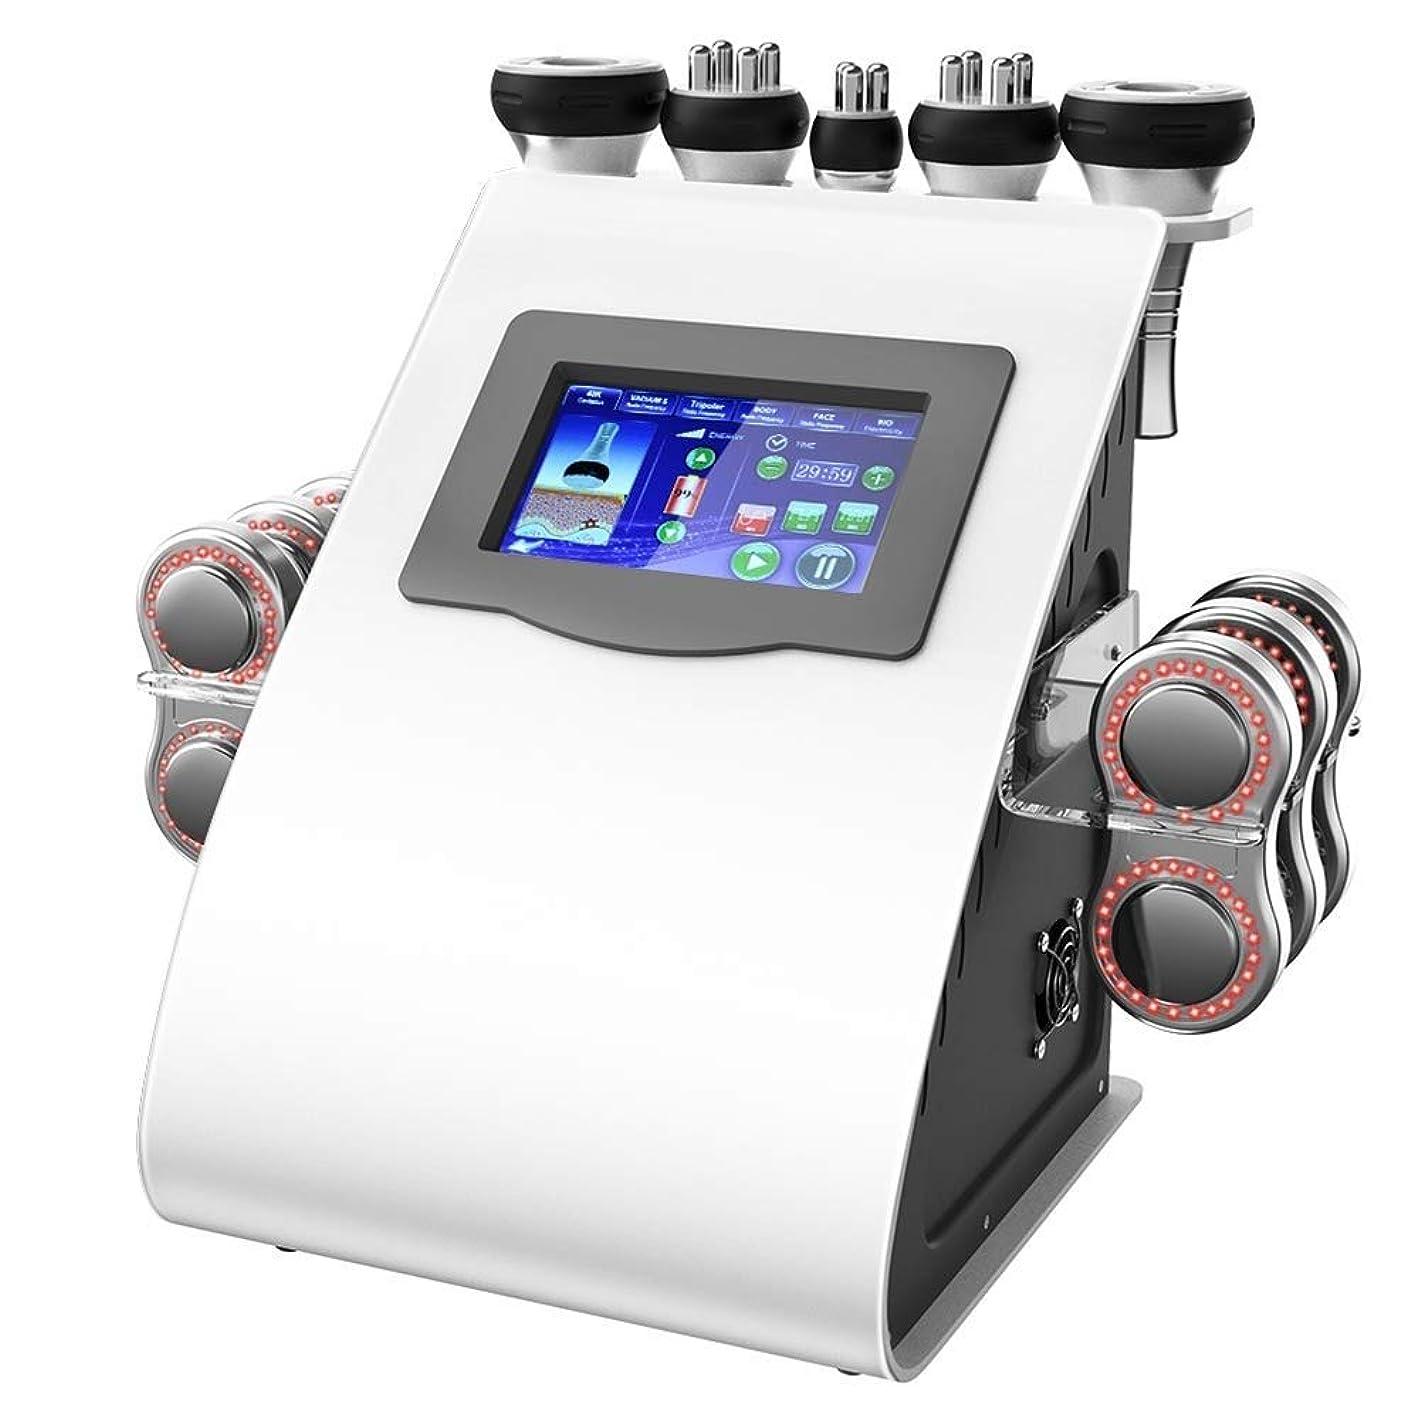 ウィンク目的緩やかな脂肪は機械、機械40K脂肪質バーナーRFの減量の器械の反しわの美装置を細くする超音波キャビテーションの反セルライトの否定的なボディを取除きます